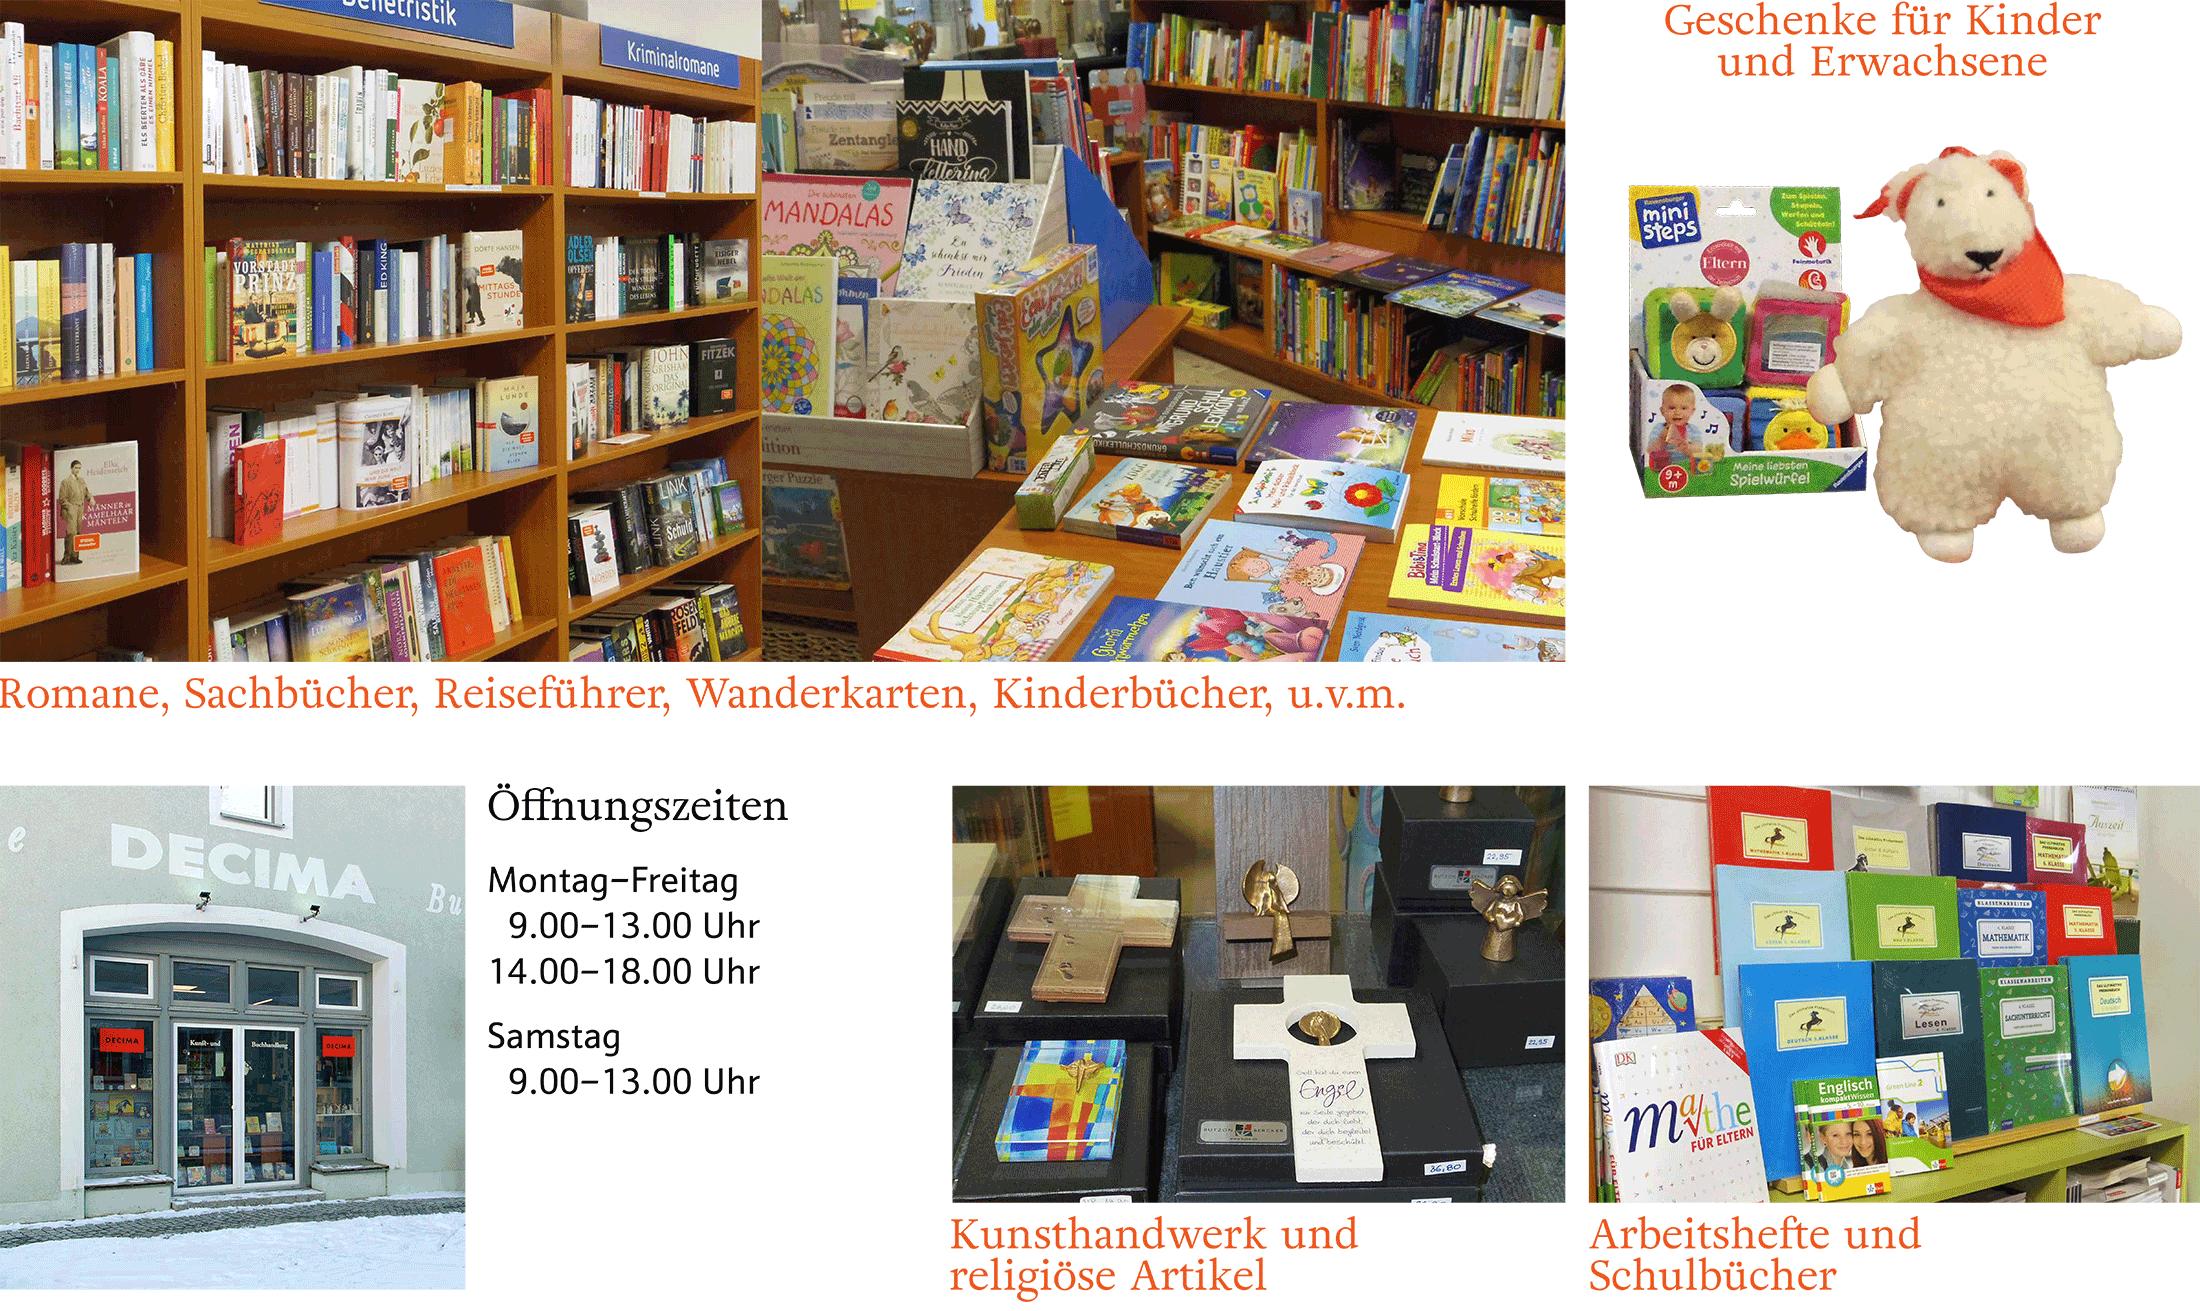 DECIMA Kunst- und Buchhandlung